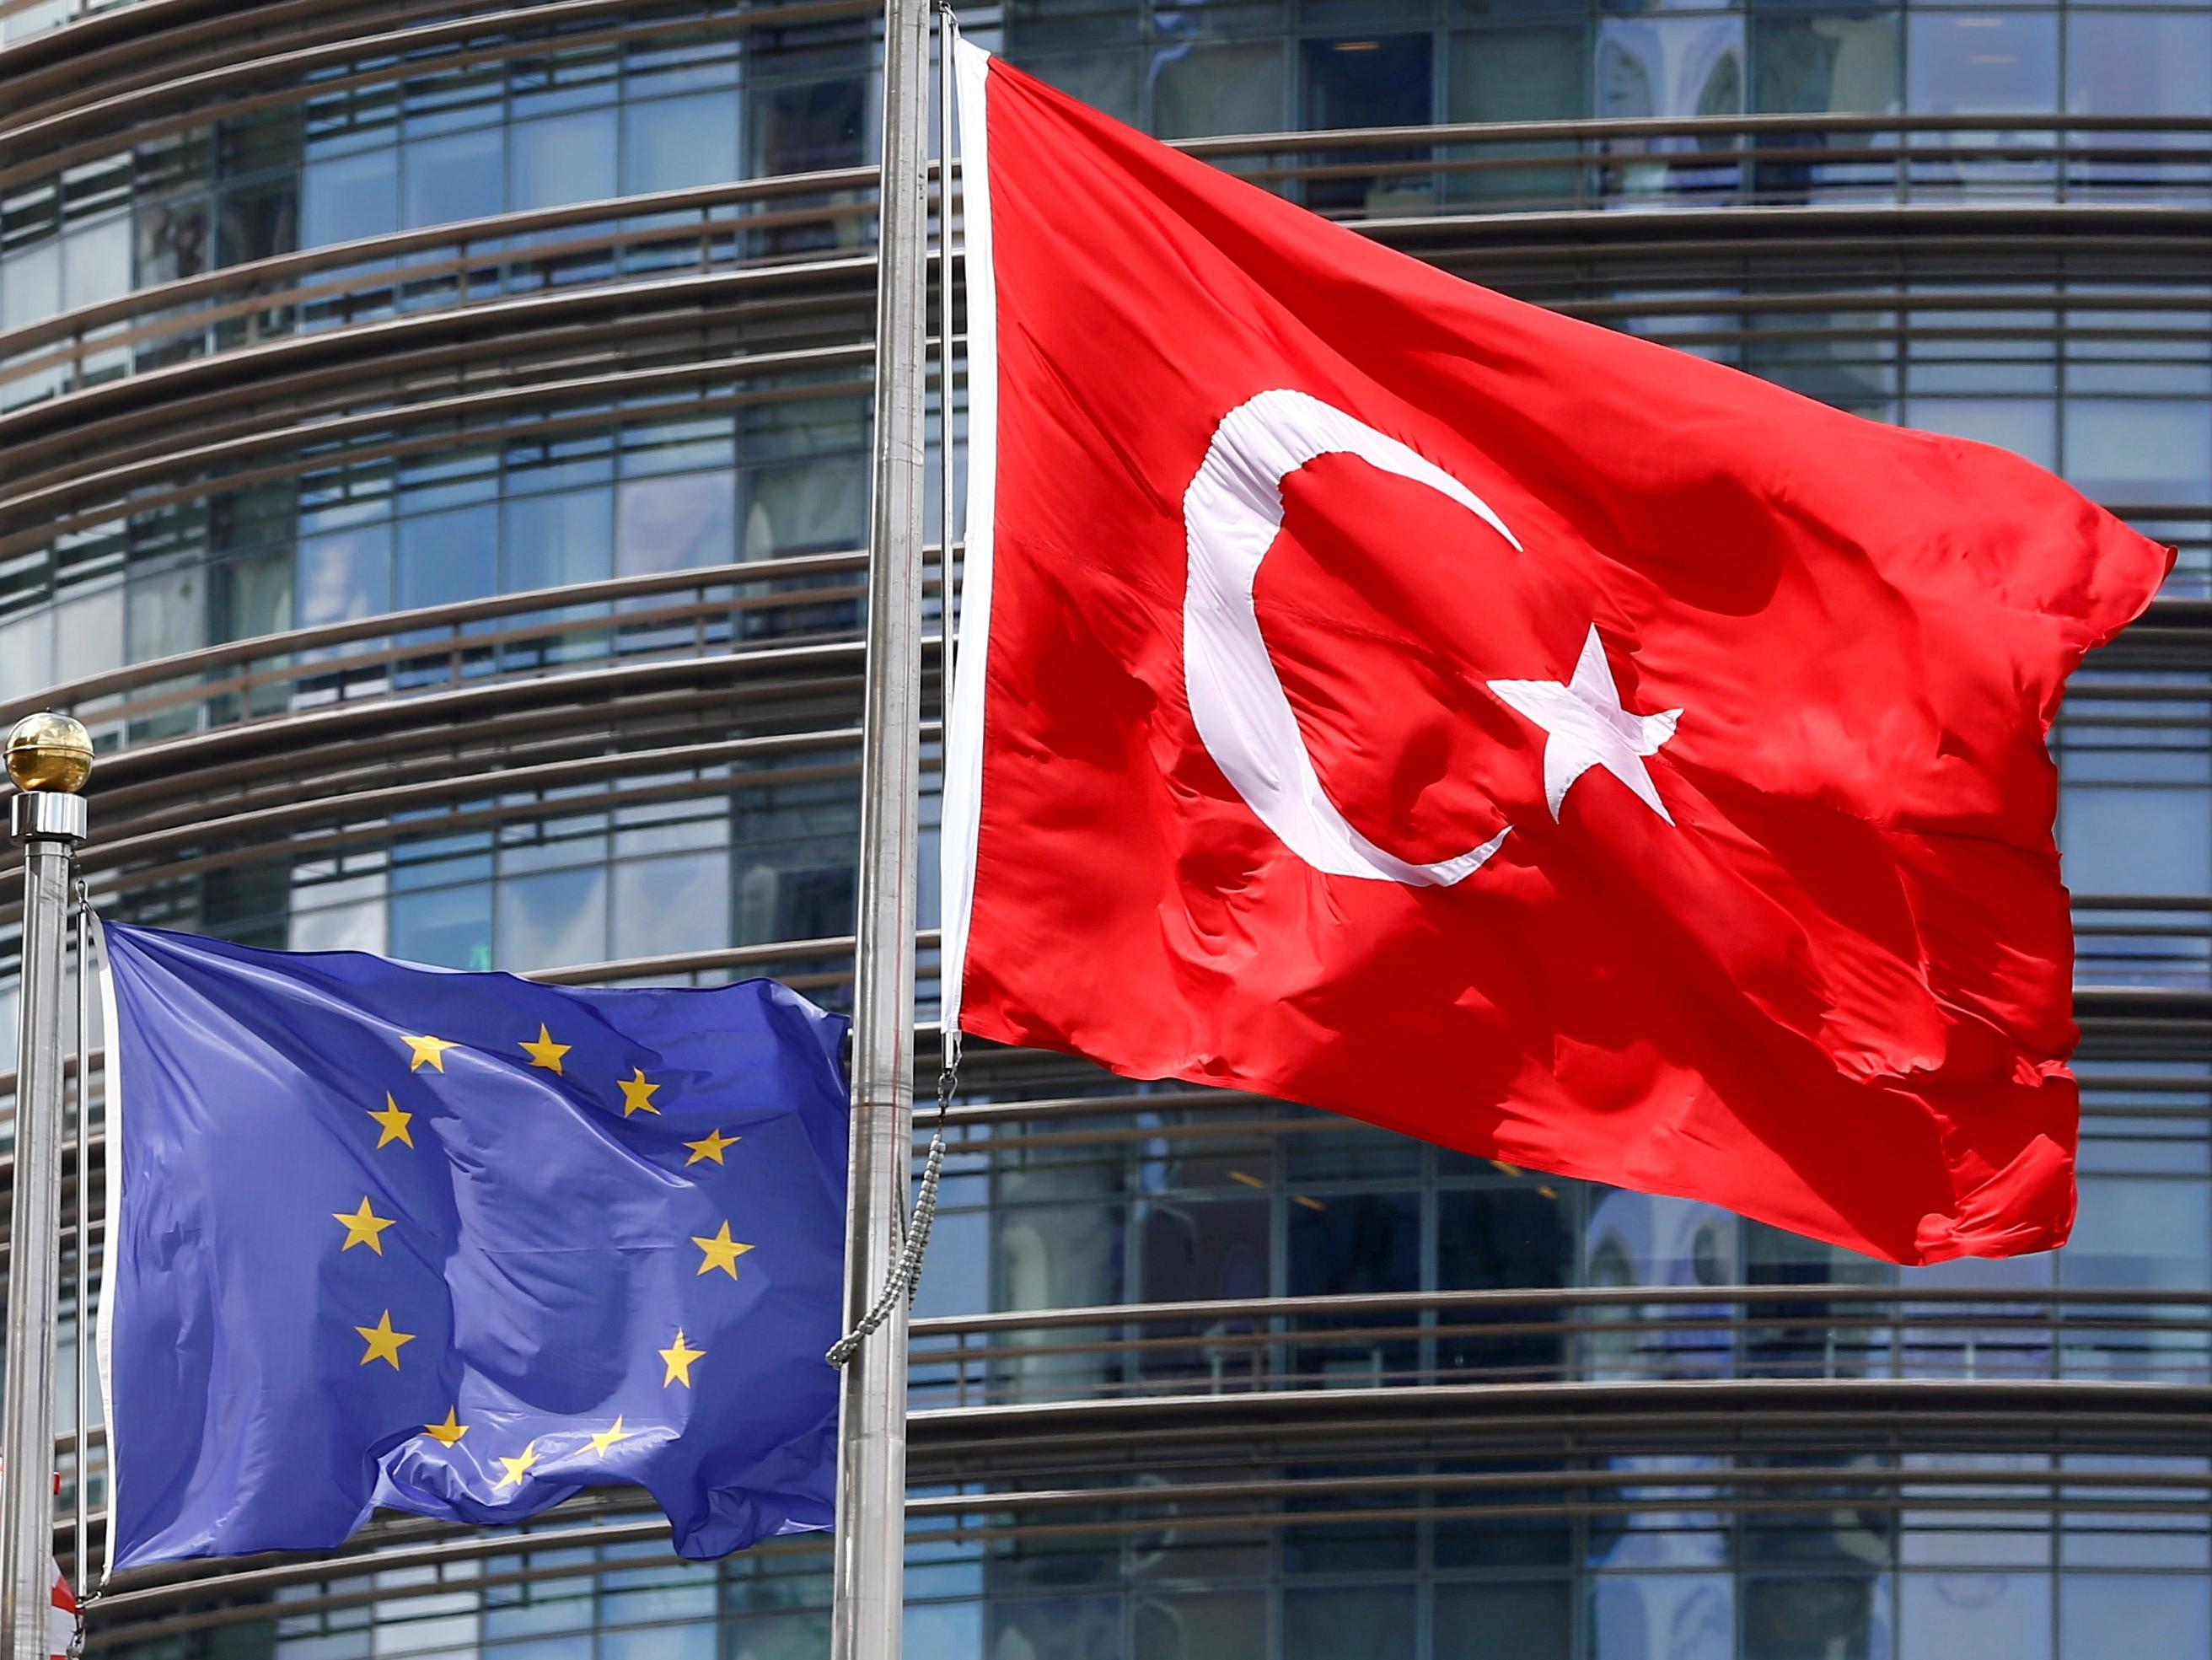 ΥΠΕΞ ΕΕ : Ζητούν κυρώσεις κατά της Τουρκίας για Συρία και παράνομες γεωτρήσεις